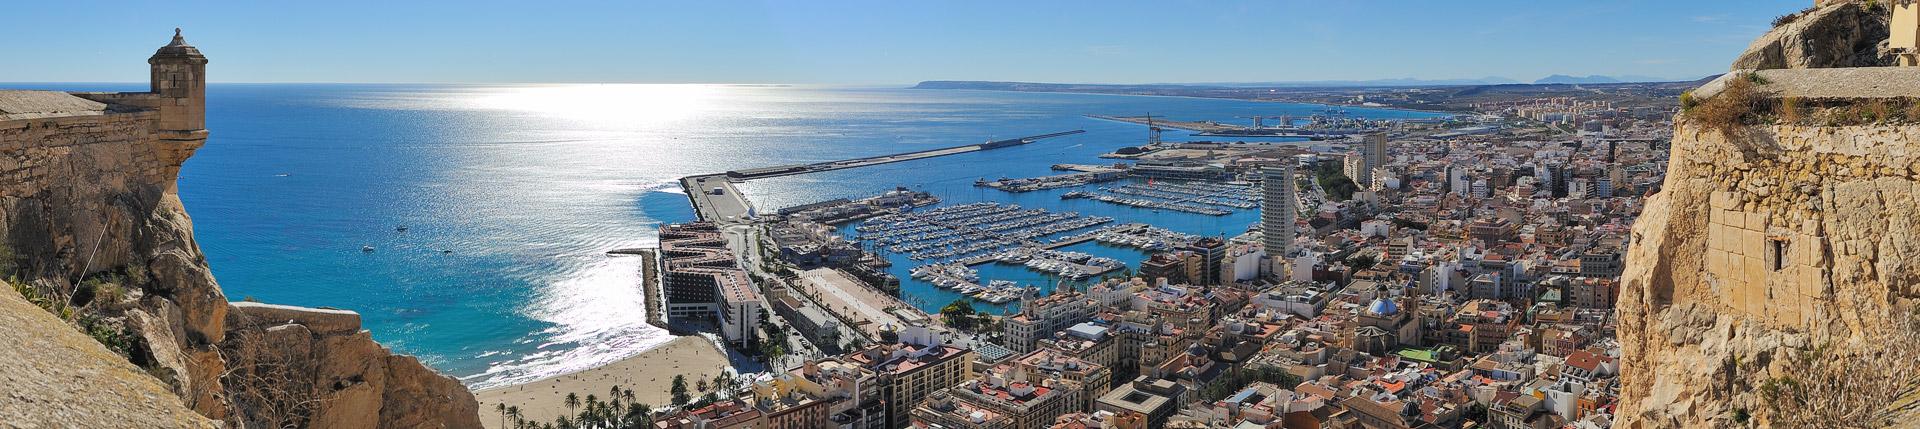 Premios Ciudad de Alicante 2017